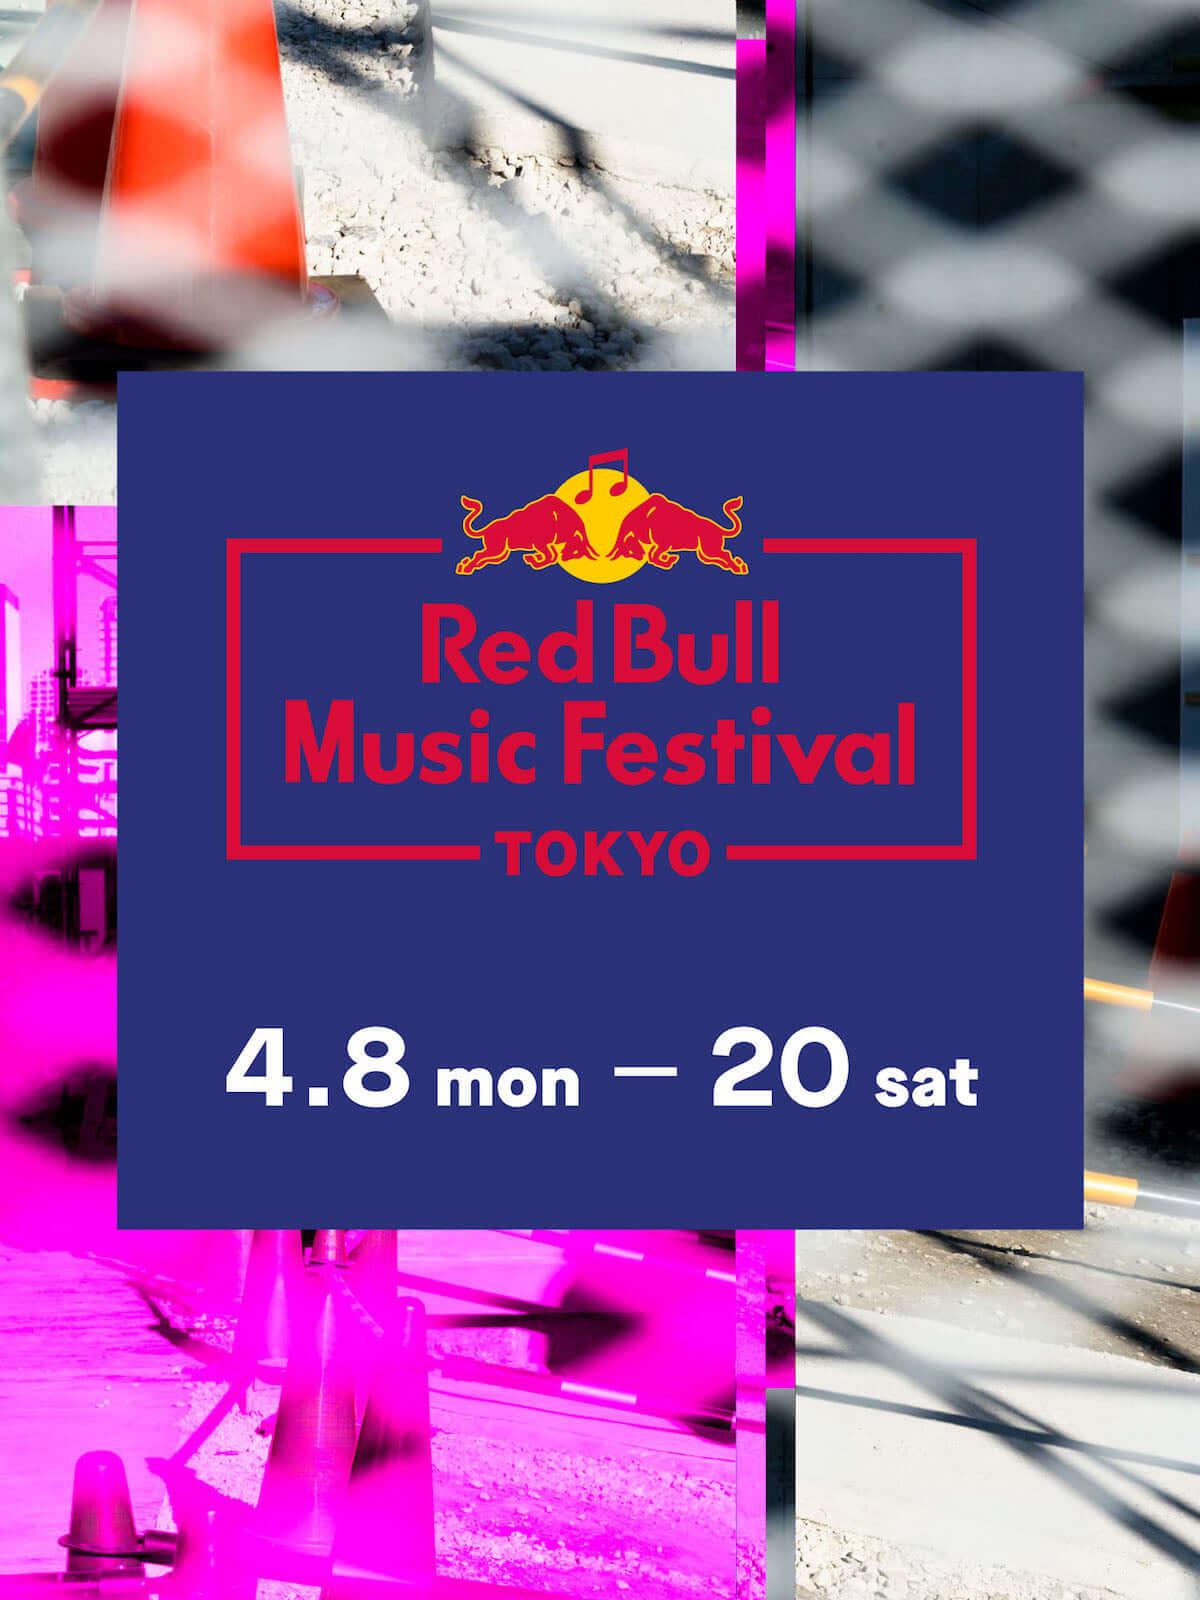 「ローラースケートアリーナ」が1日限りのディスコに変身?「Red Bull Music Festival Tokyo」が4月に開催決定 music190214-redbull-2-1200x1600